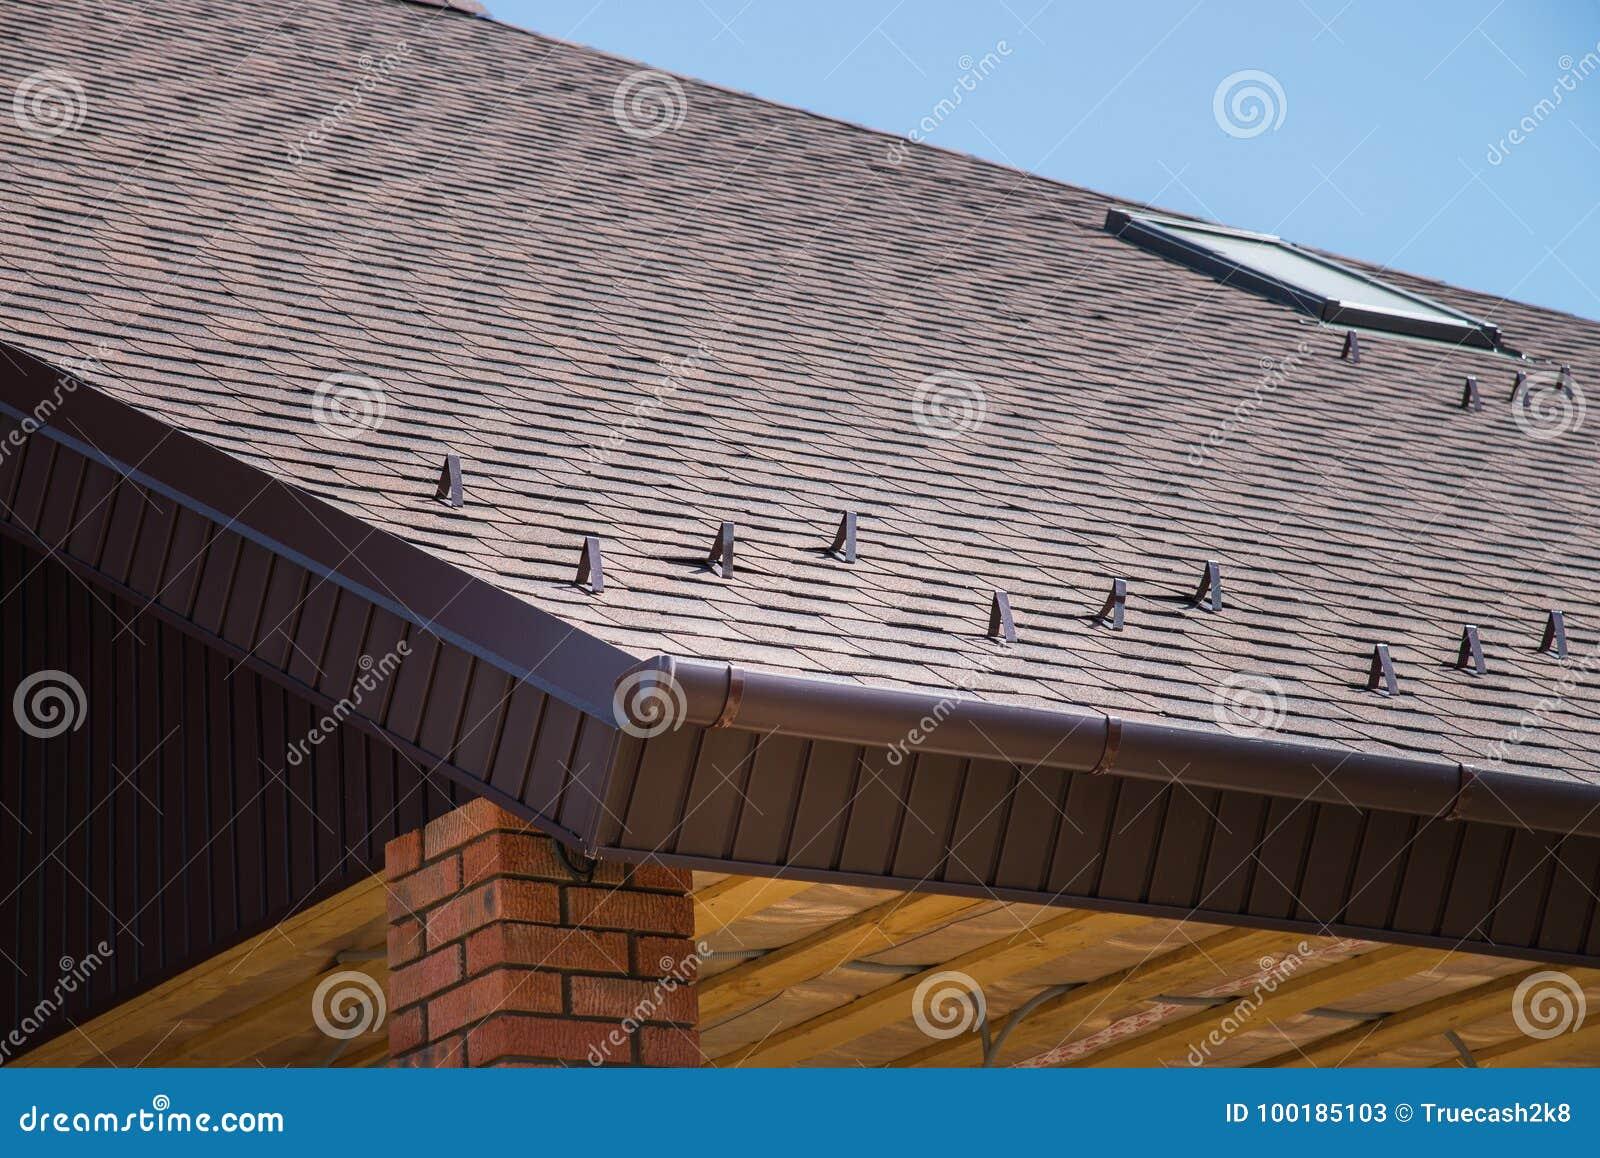 toit brun carrelé de nouvelle maison avec le débordement, protection